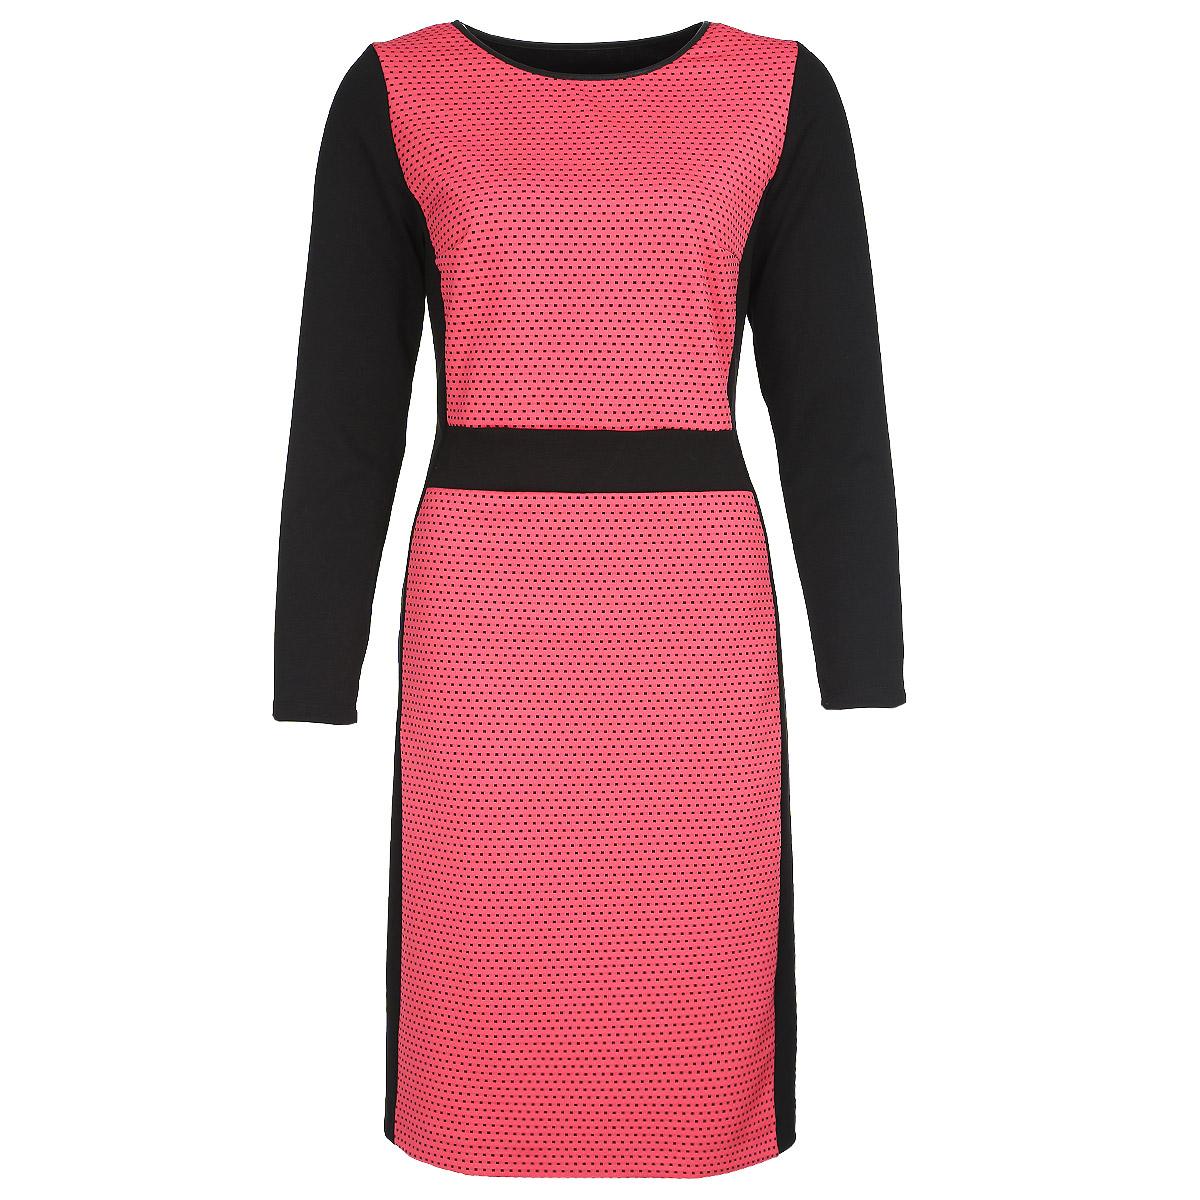 Платье. 15091509Стильное платье Milana Style, выполненное из высококачественного материала, будет отлично на вас смотреться. Модель приталенного кроя с длинными рукавами и круглым вырезом горловины подчеркнет ваш стиль. Трикотажное платье средней длины выполнено в безупречной гармоничной цветовой гамме. Идеальный вариант для тех, кто ценит комфорт и качество.